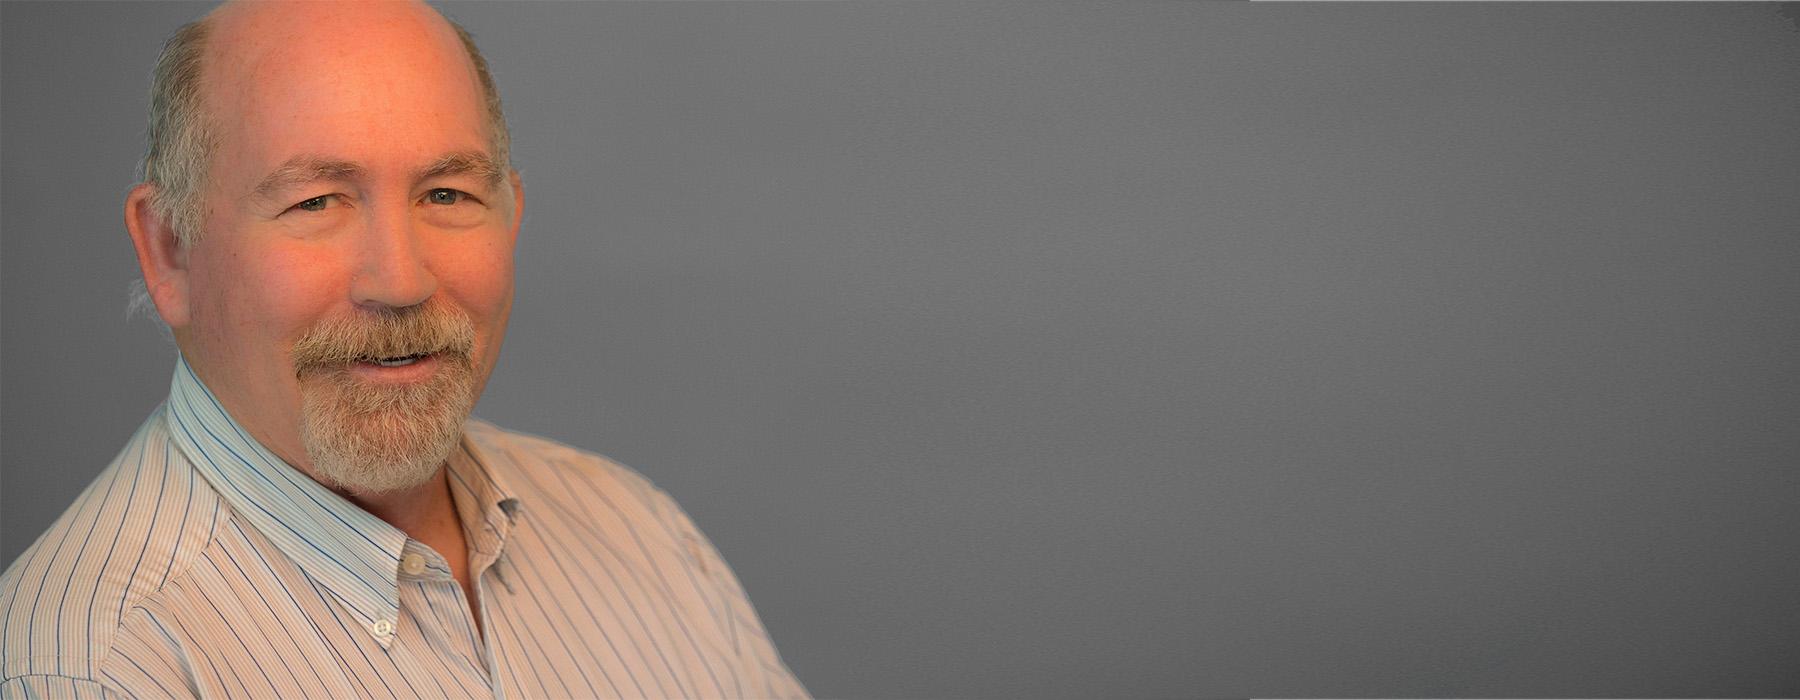 Tribute to Gary Moyer